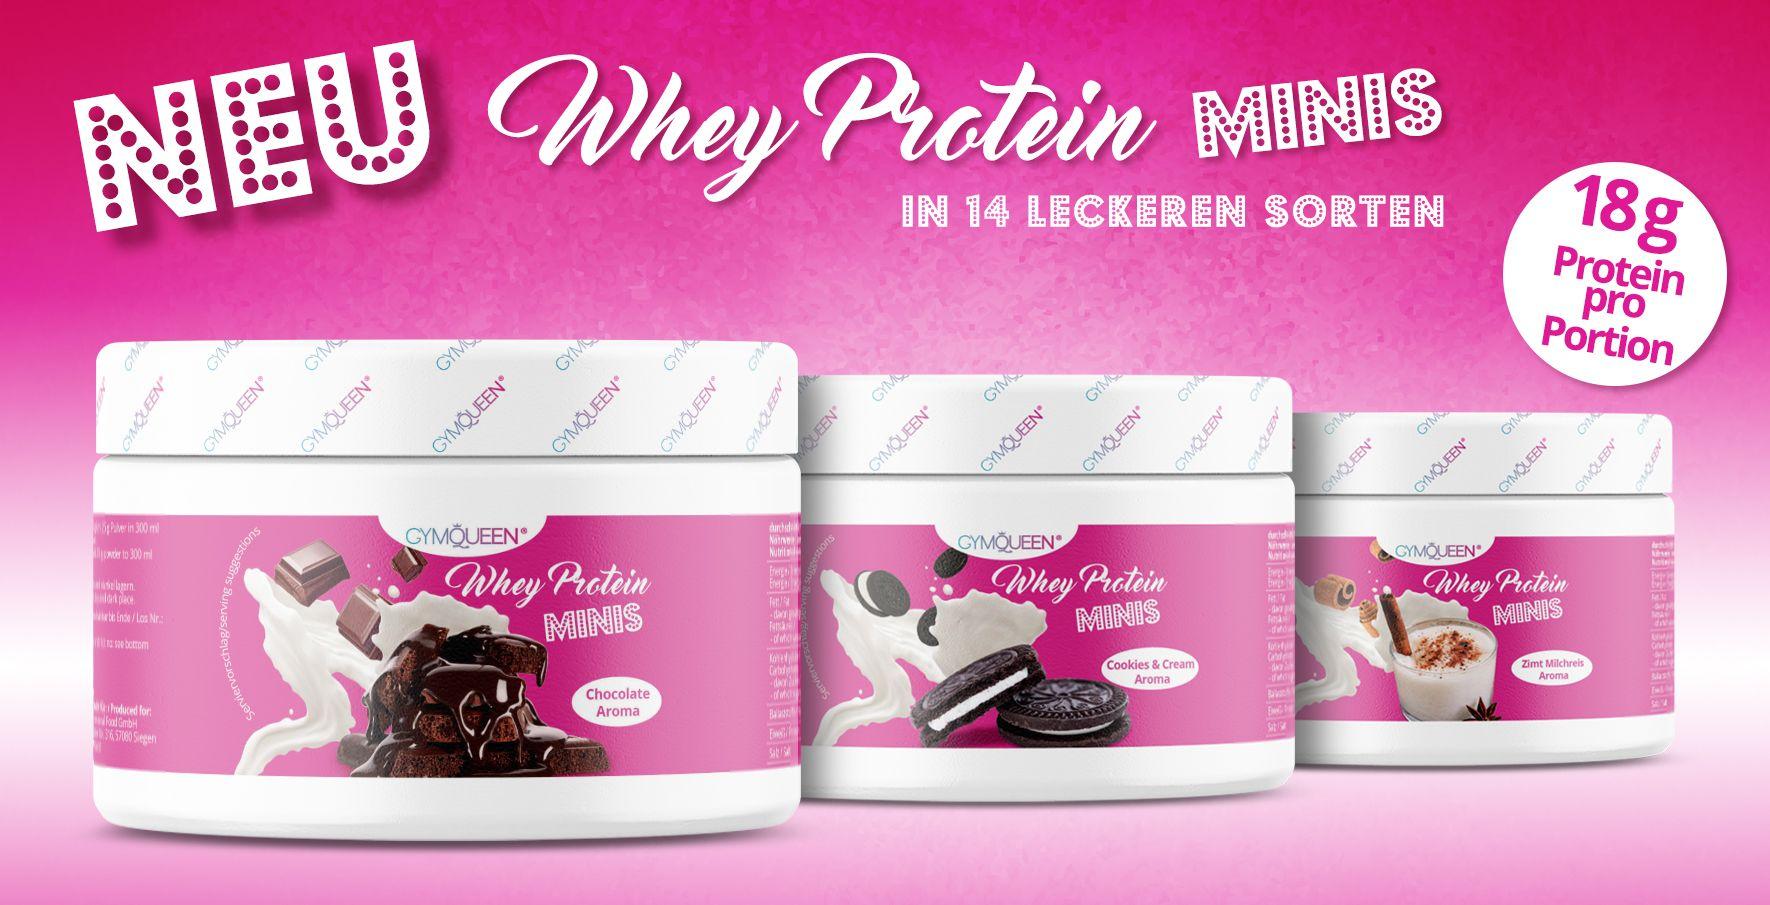 Endlich sind die neuen, leckeren Shakes in vielen verschiedenen Geschmacksrichtungen da. Speziell für Frauen mit 18% Protein pro Portion.